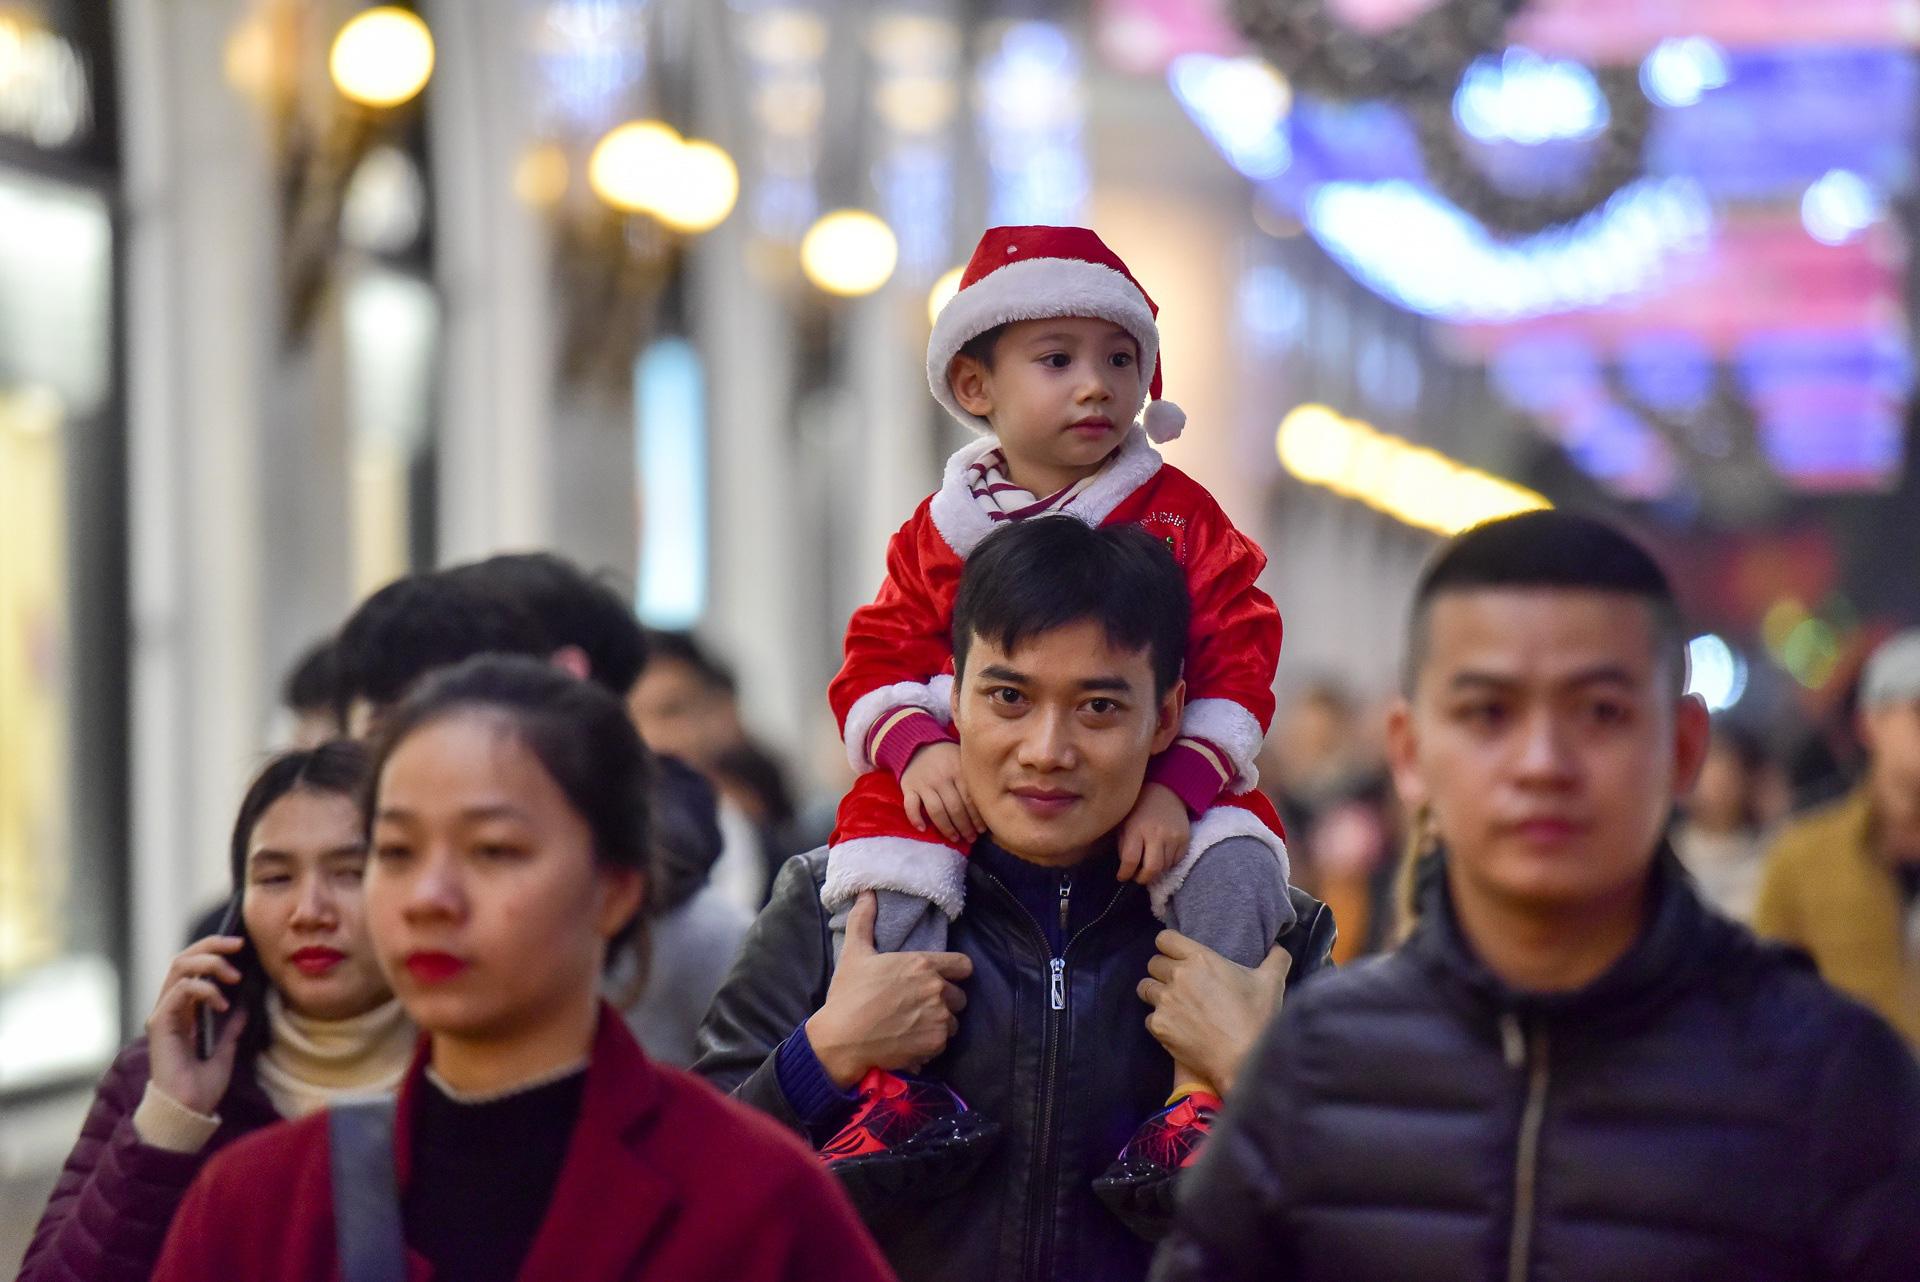 Hà Nội: Người dân đổ ra đường đón Giáng sinh, nhiều tuyến đường'tắc không lối thoát' - Ảnh 5.